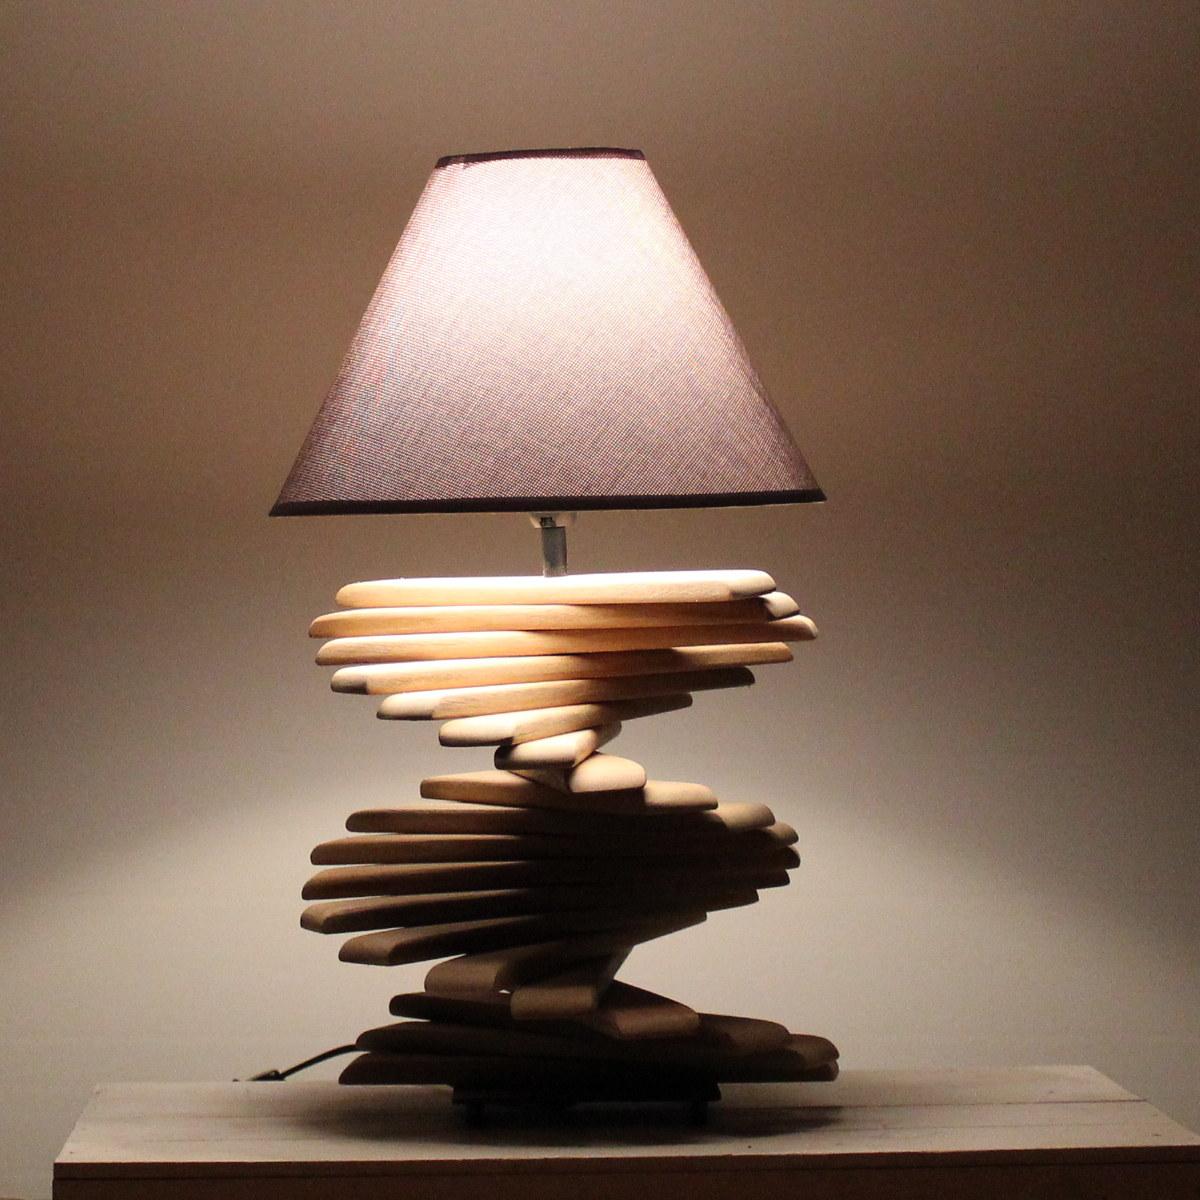 Tischlampe mit Treppenoptik.